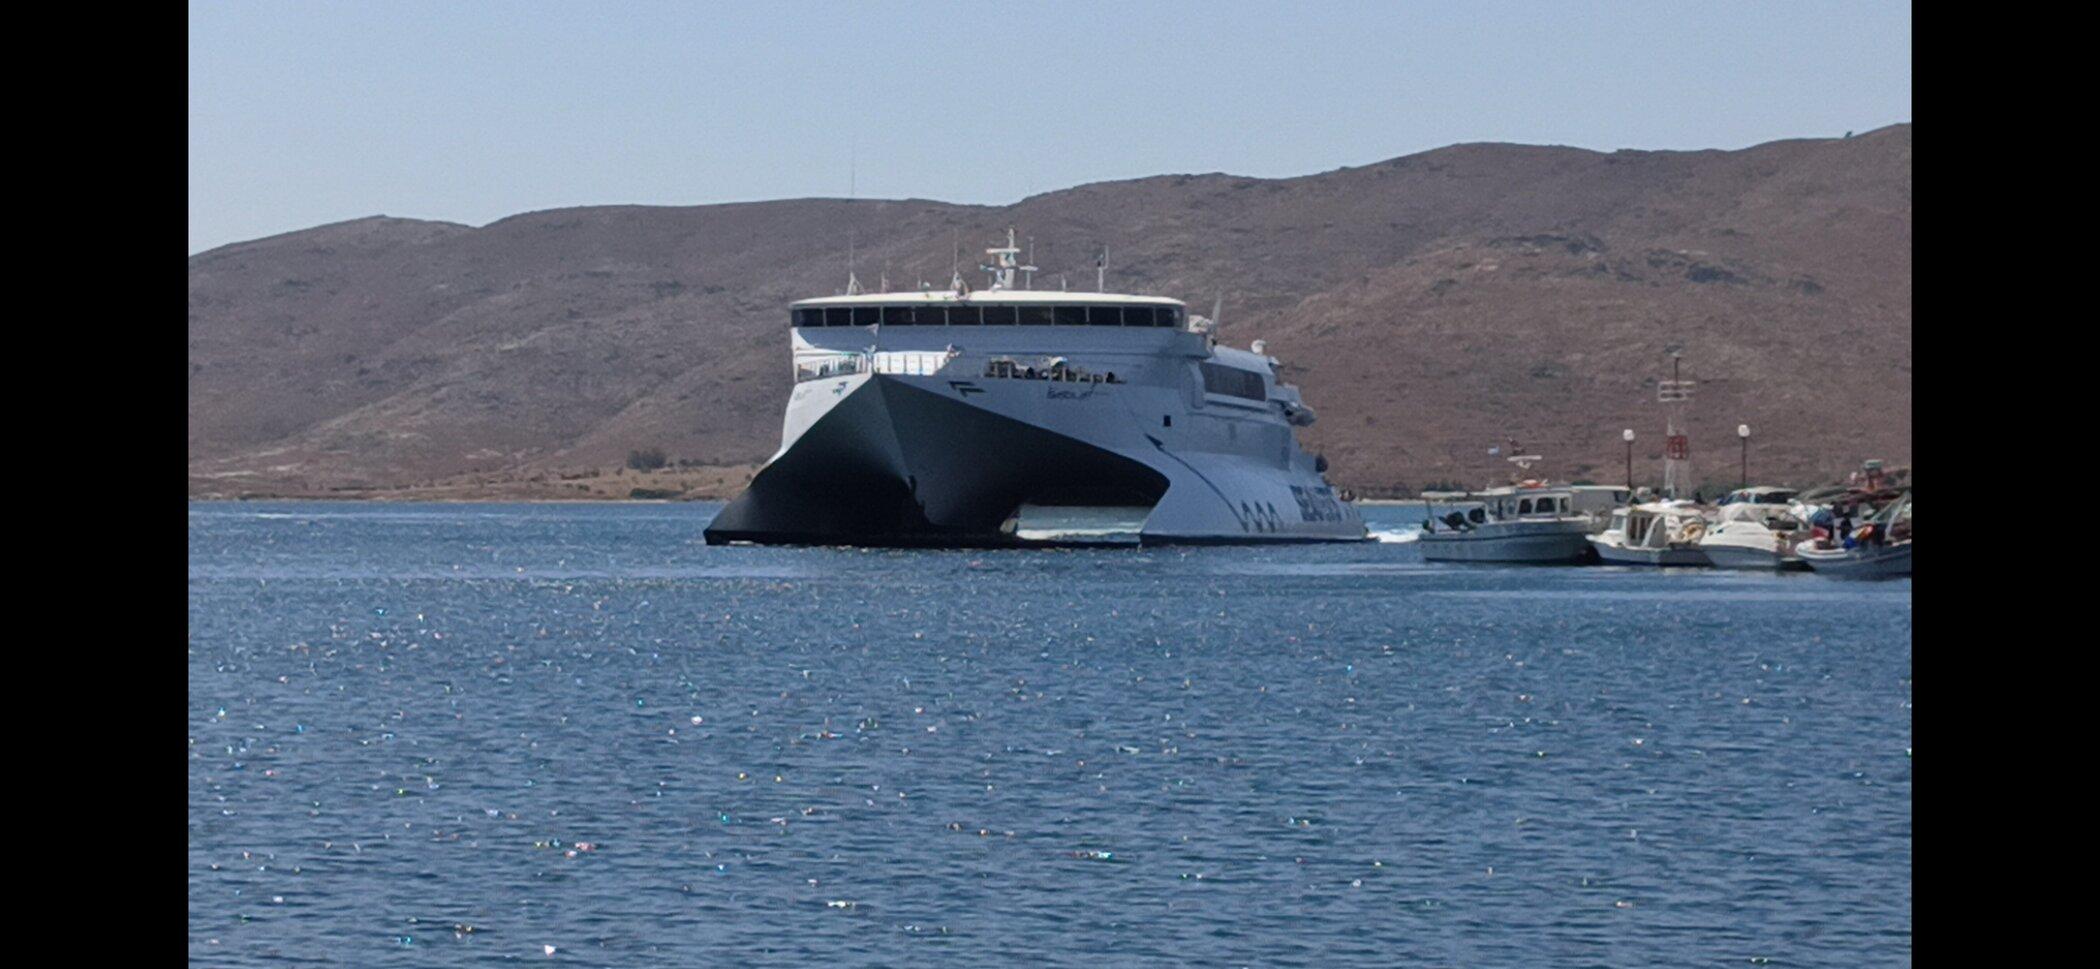 Naxos Jet in Karystos